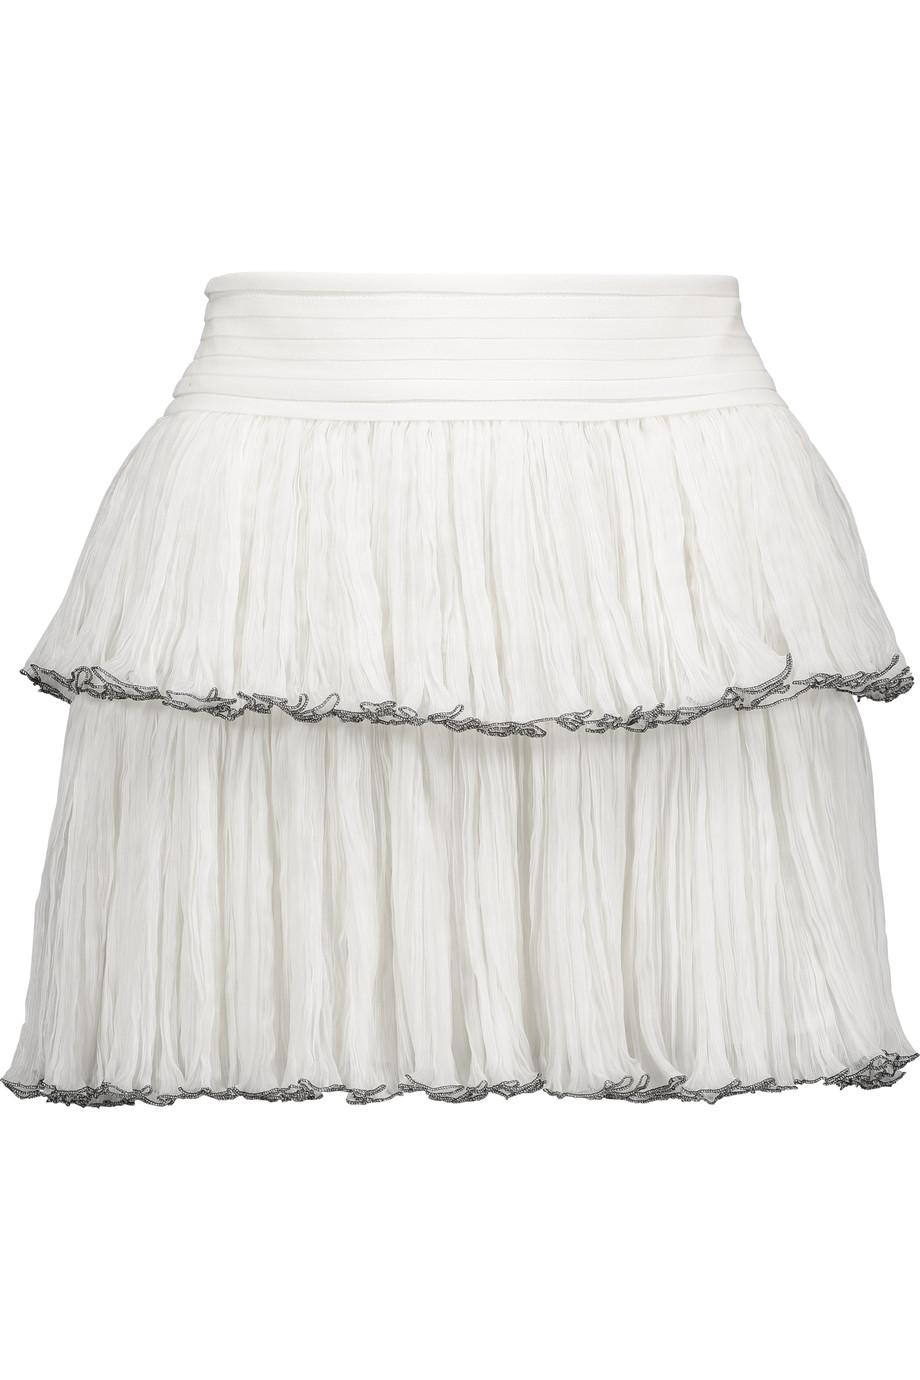 Bohemian Short Skirts